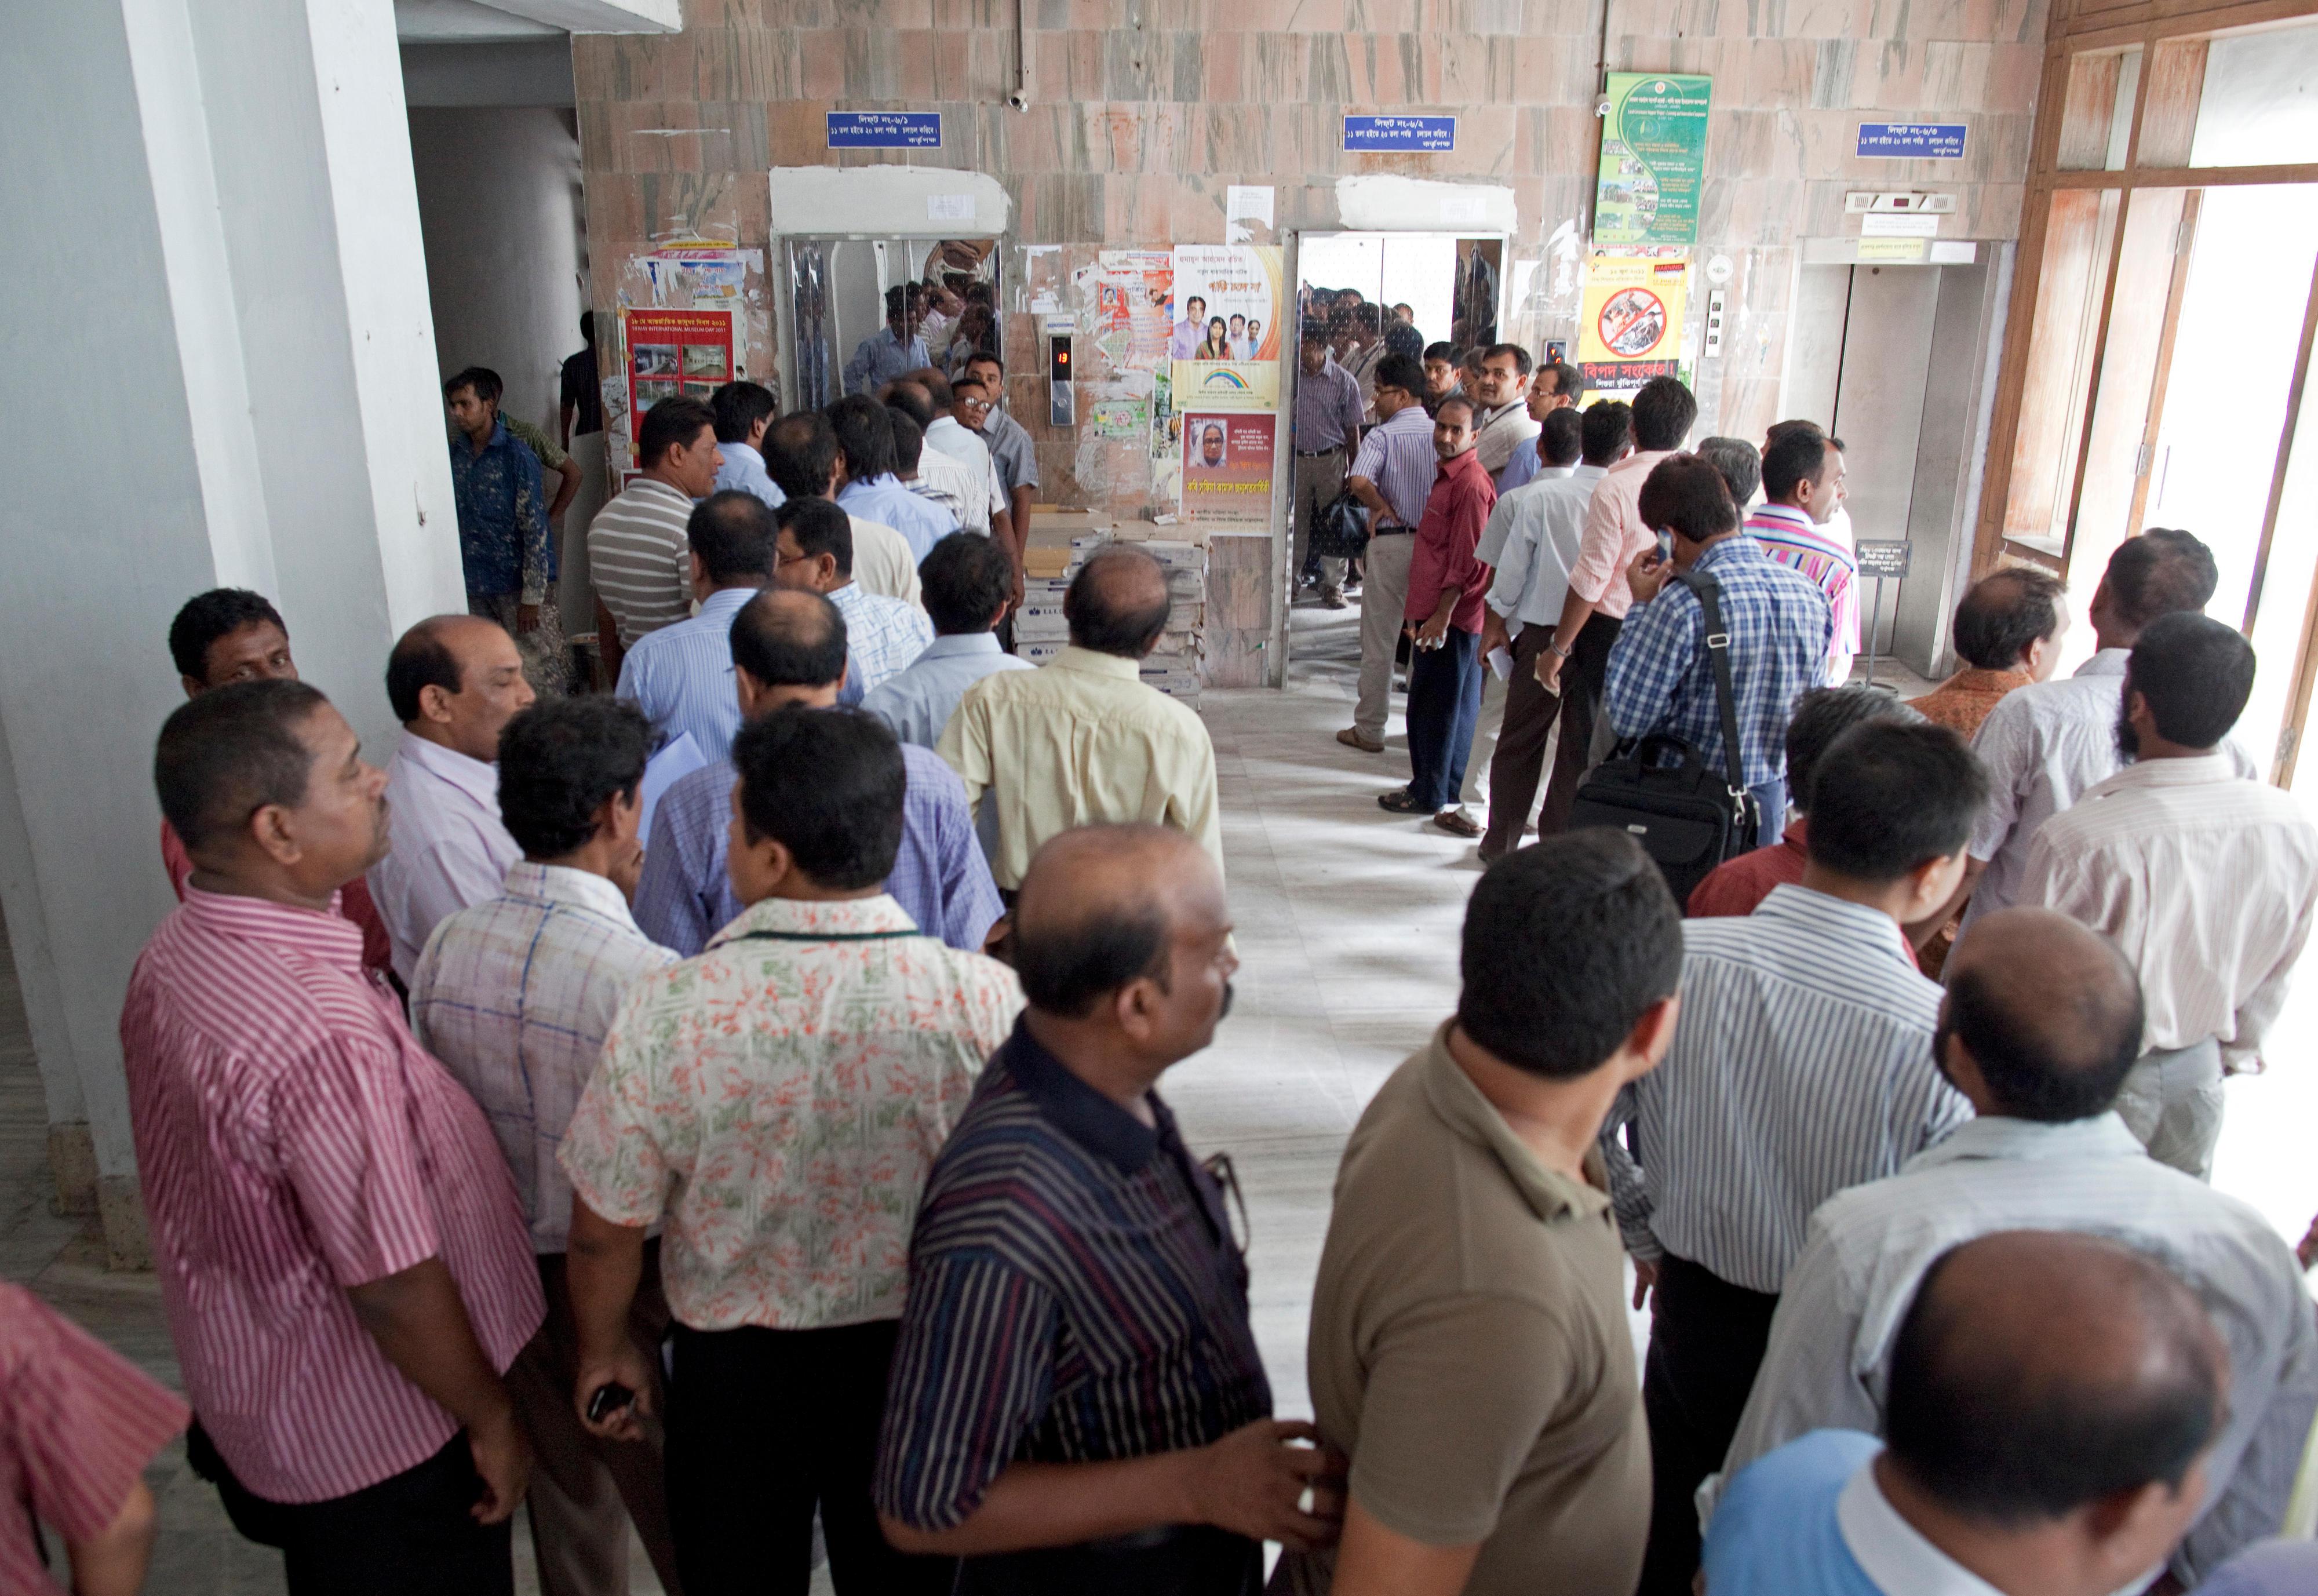 Mitarbeiter im Finanzministerium in Dhaka, Bangladesch, warten vor ihrem Arbeitsbeginn auf Aufzüge.